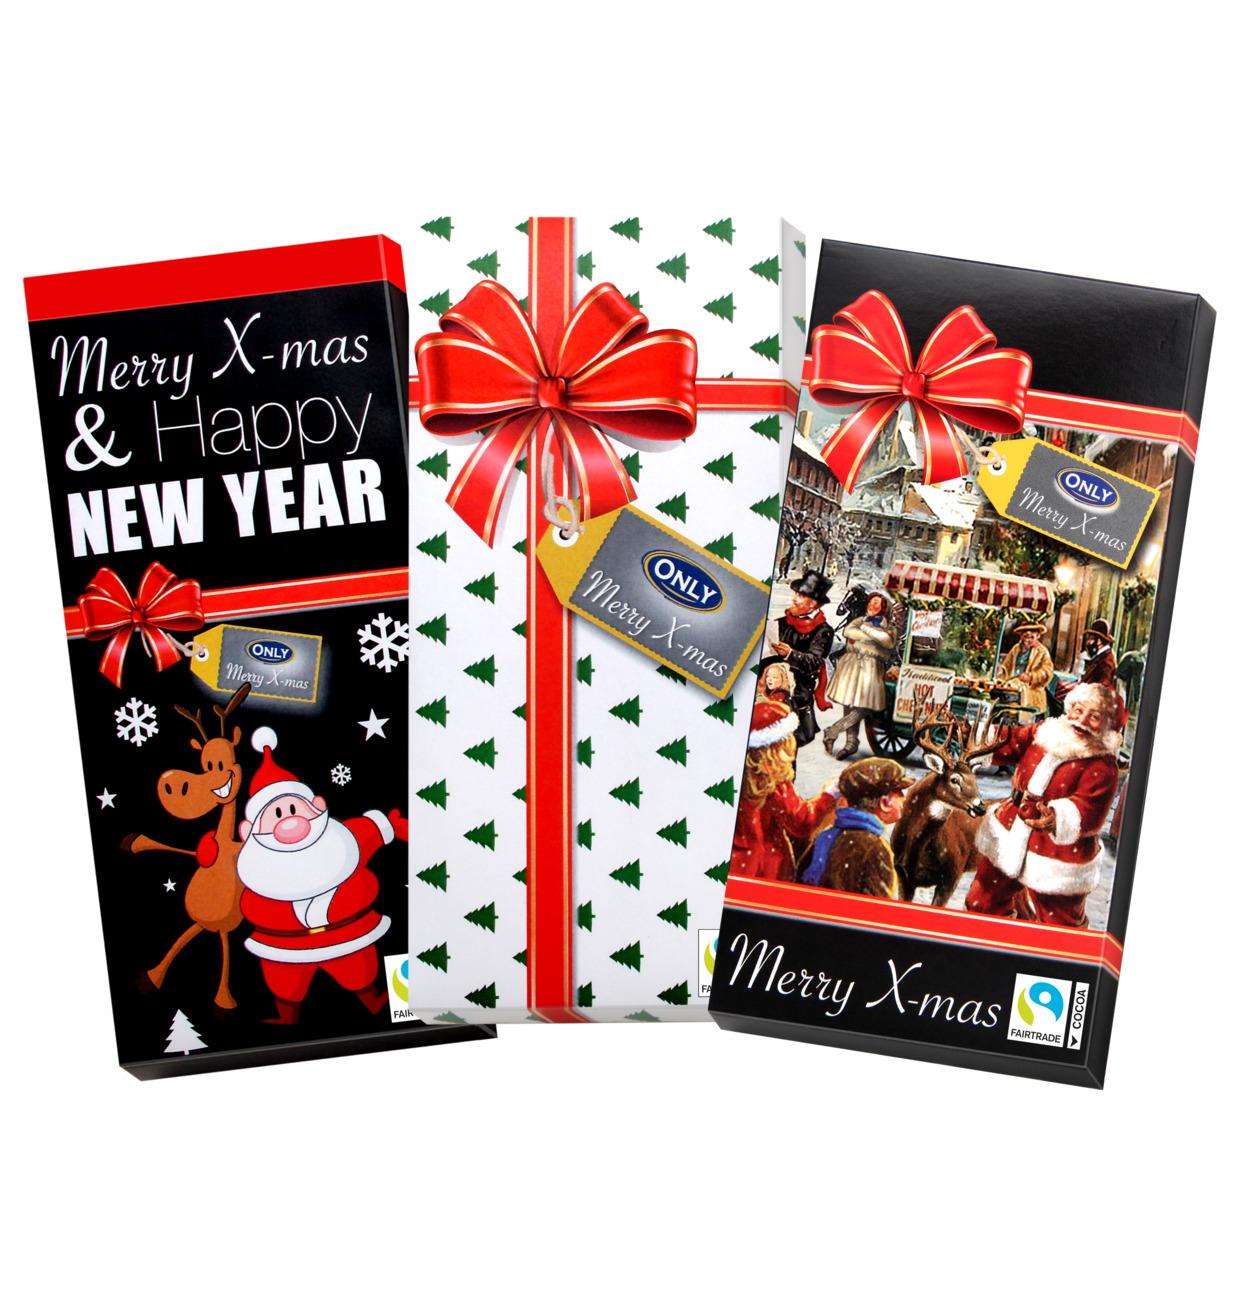 DISPLAY Milchschokolade Weihnachten 3 Motive Thekendisplay